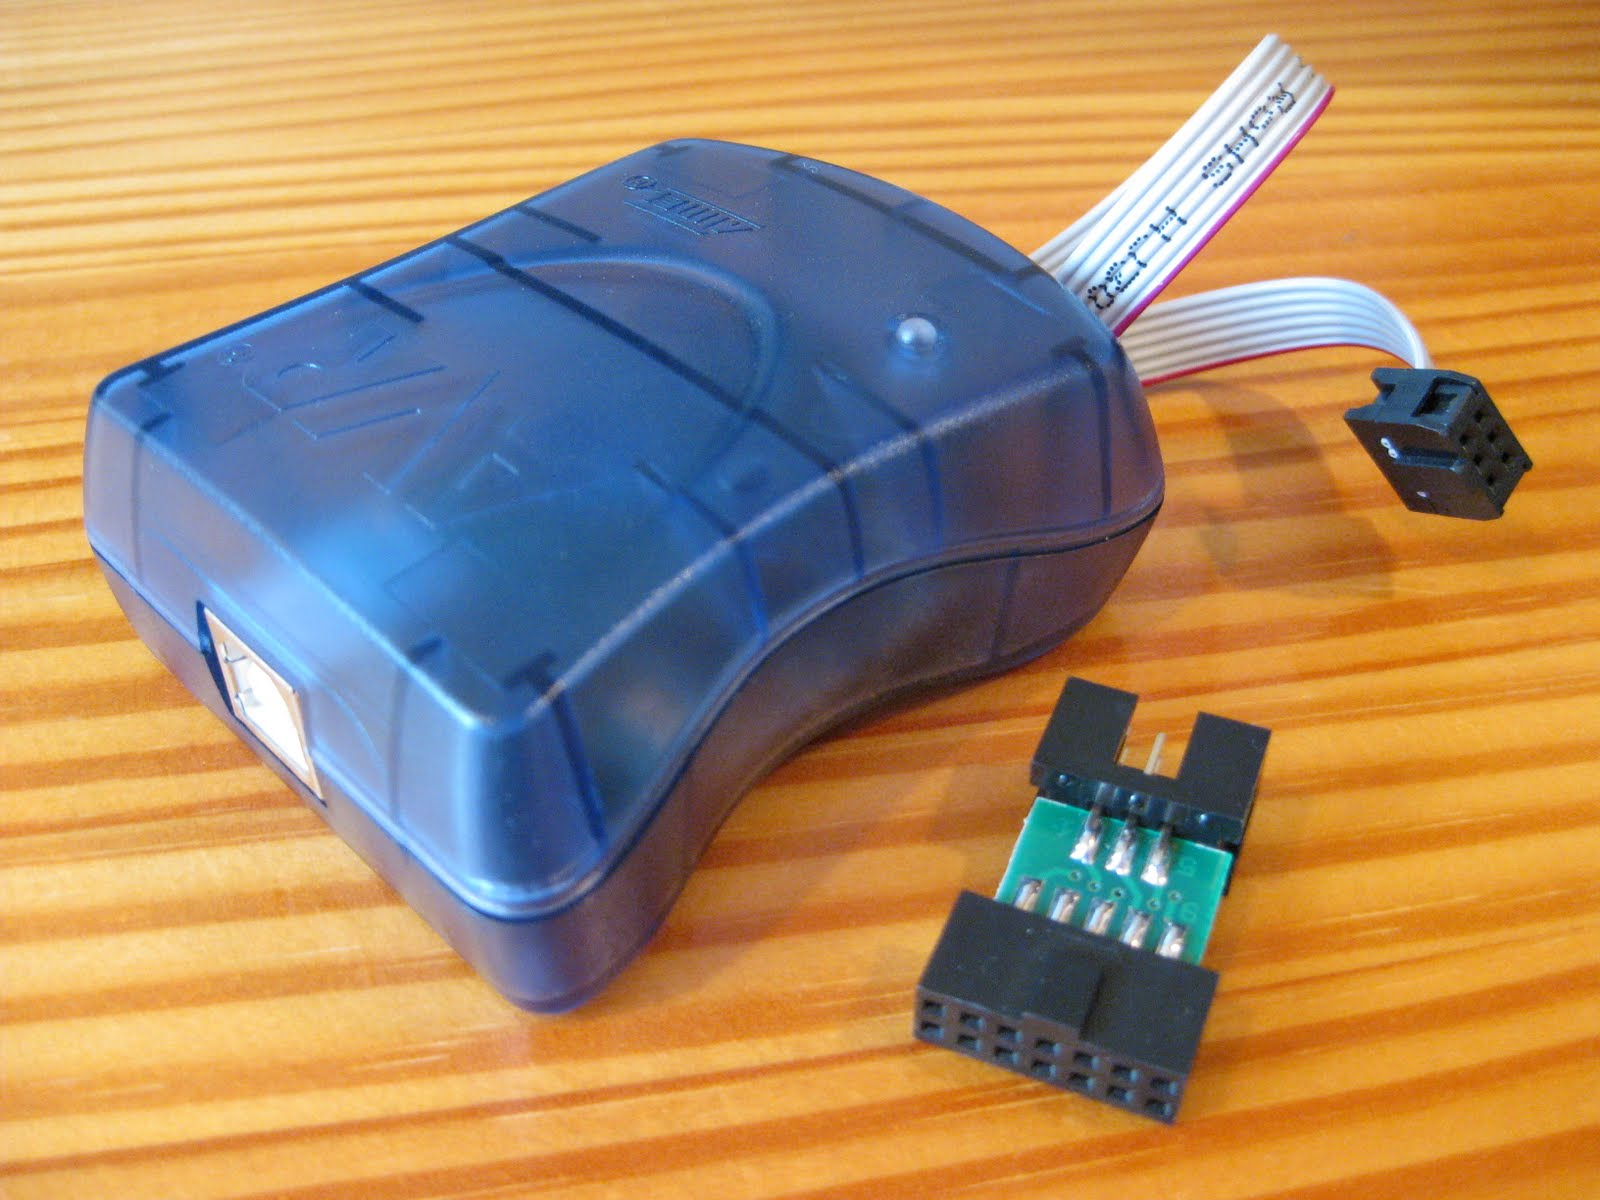 The Random Bit In Circuit Programmer Isp How To Atmel Avrisp Mkii Avr Sytem For